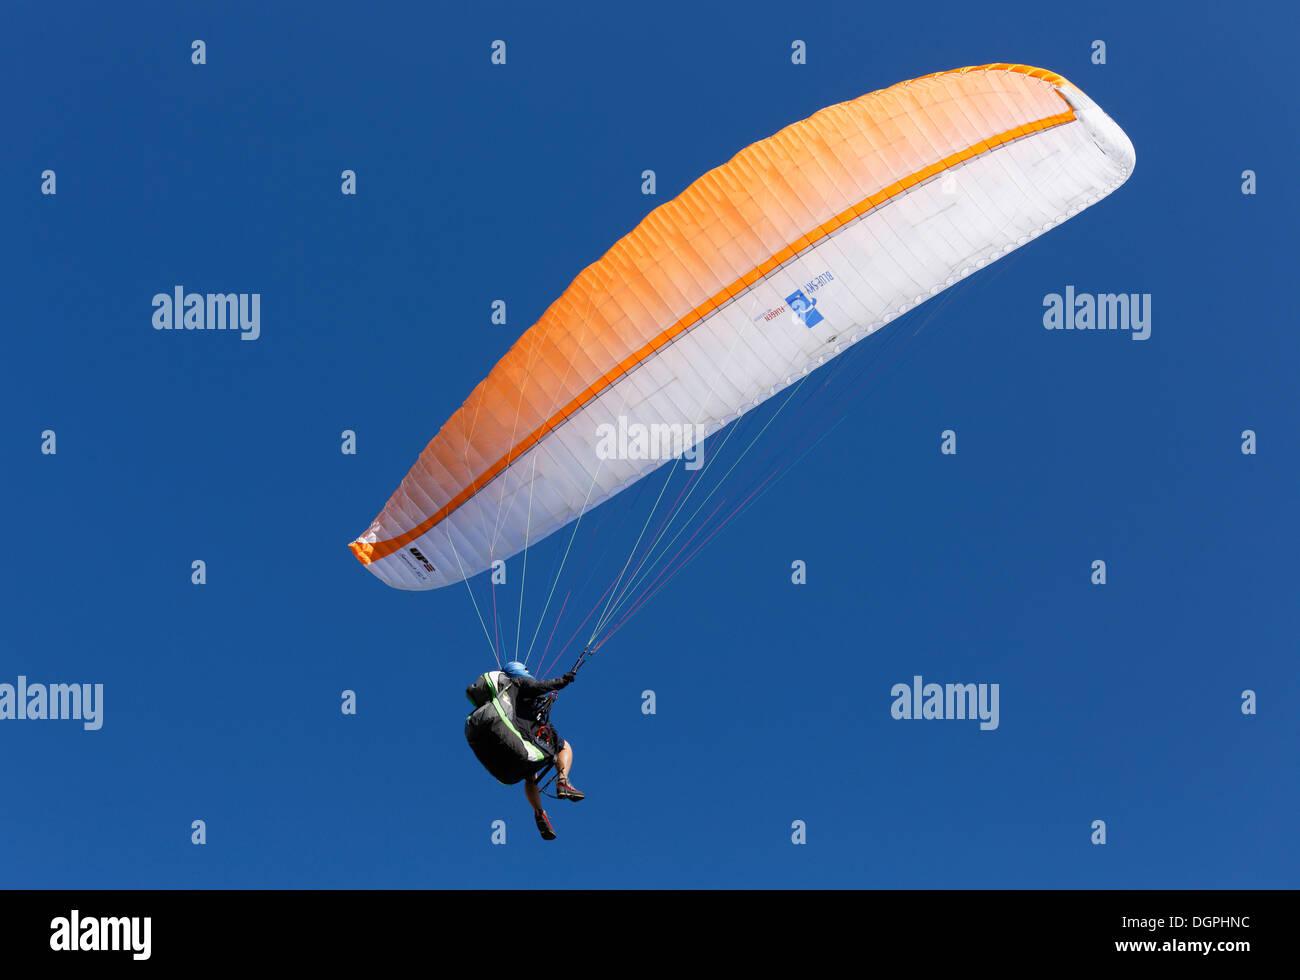 Paraglider paragliding, Zwoelferhorn, Sankt Gilgen, Salzkammergut, Salzburg State, Austria - Stock Image